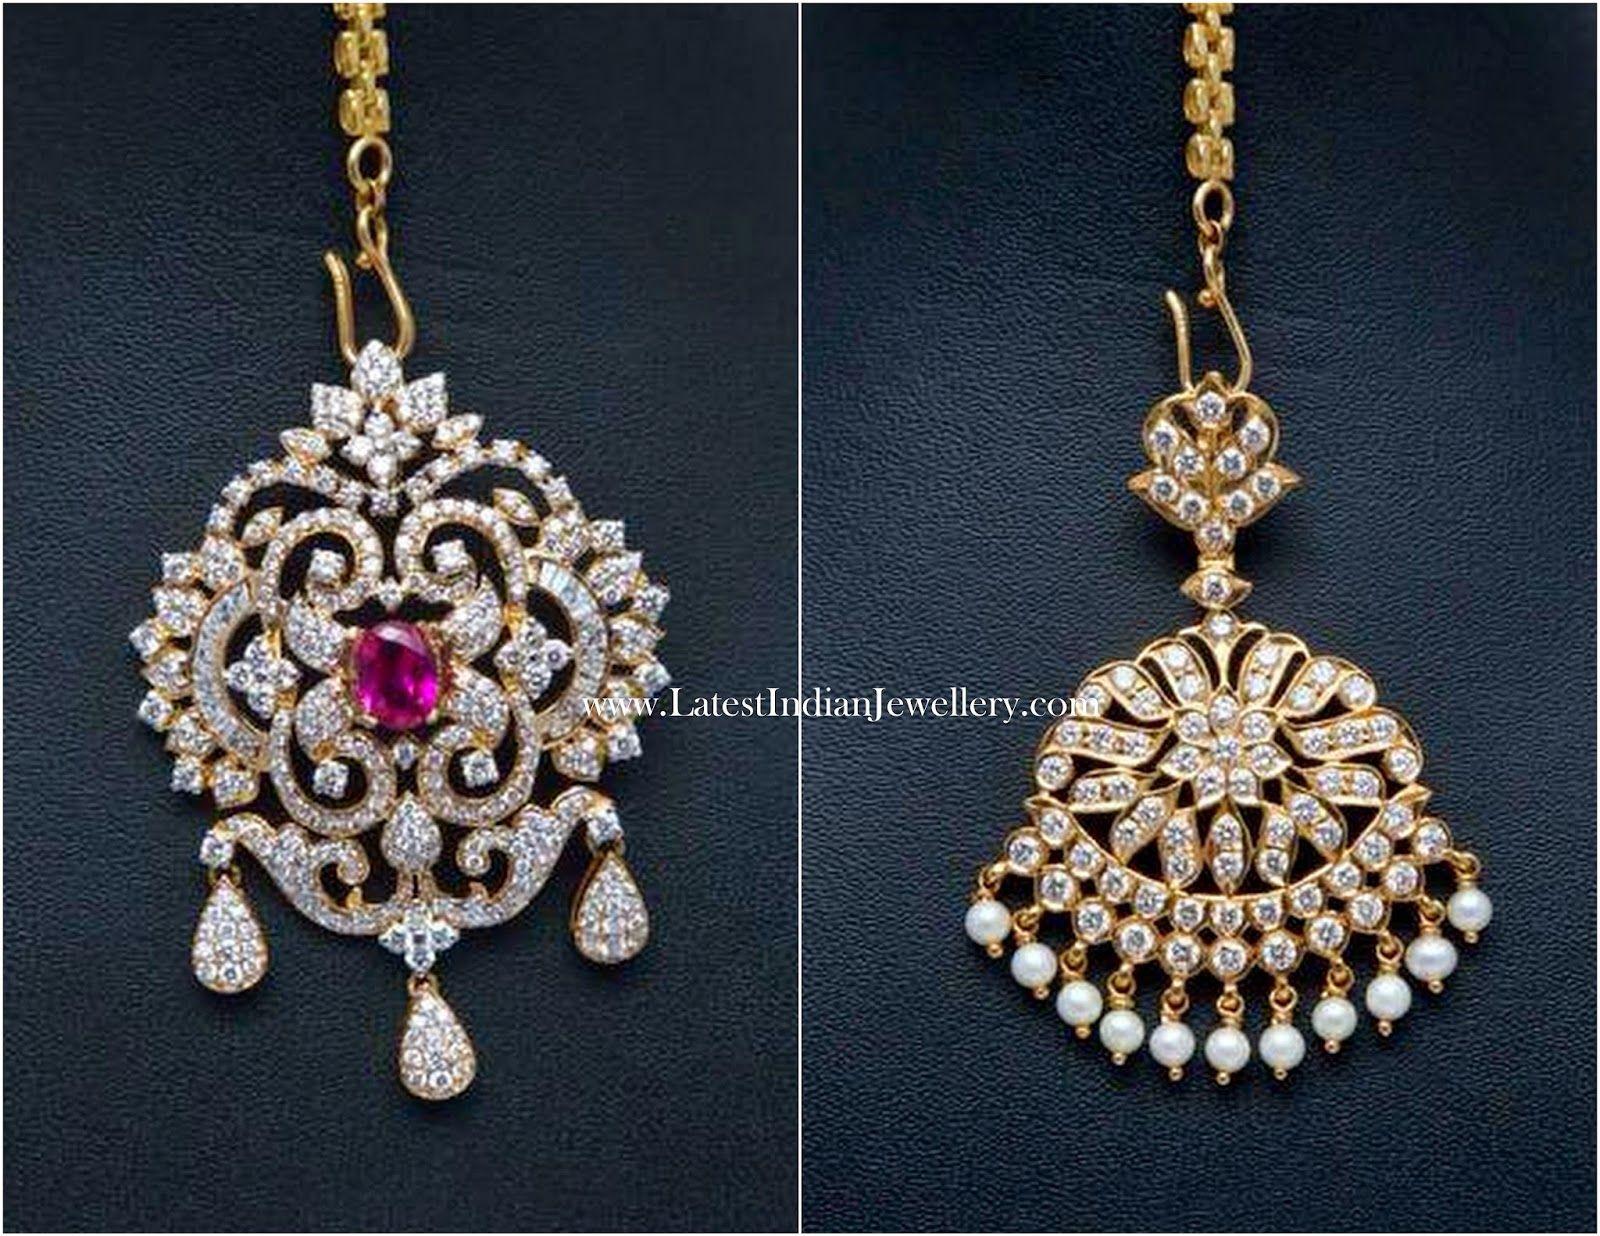 Diamond Pendant cum Maang Tikka   Diamond pendant, Diamond and ...